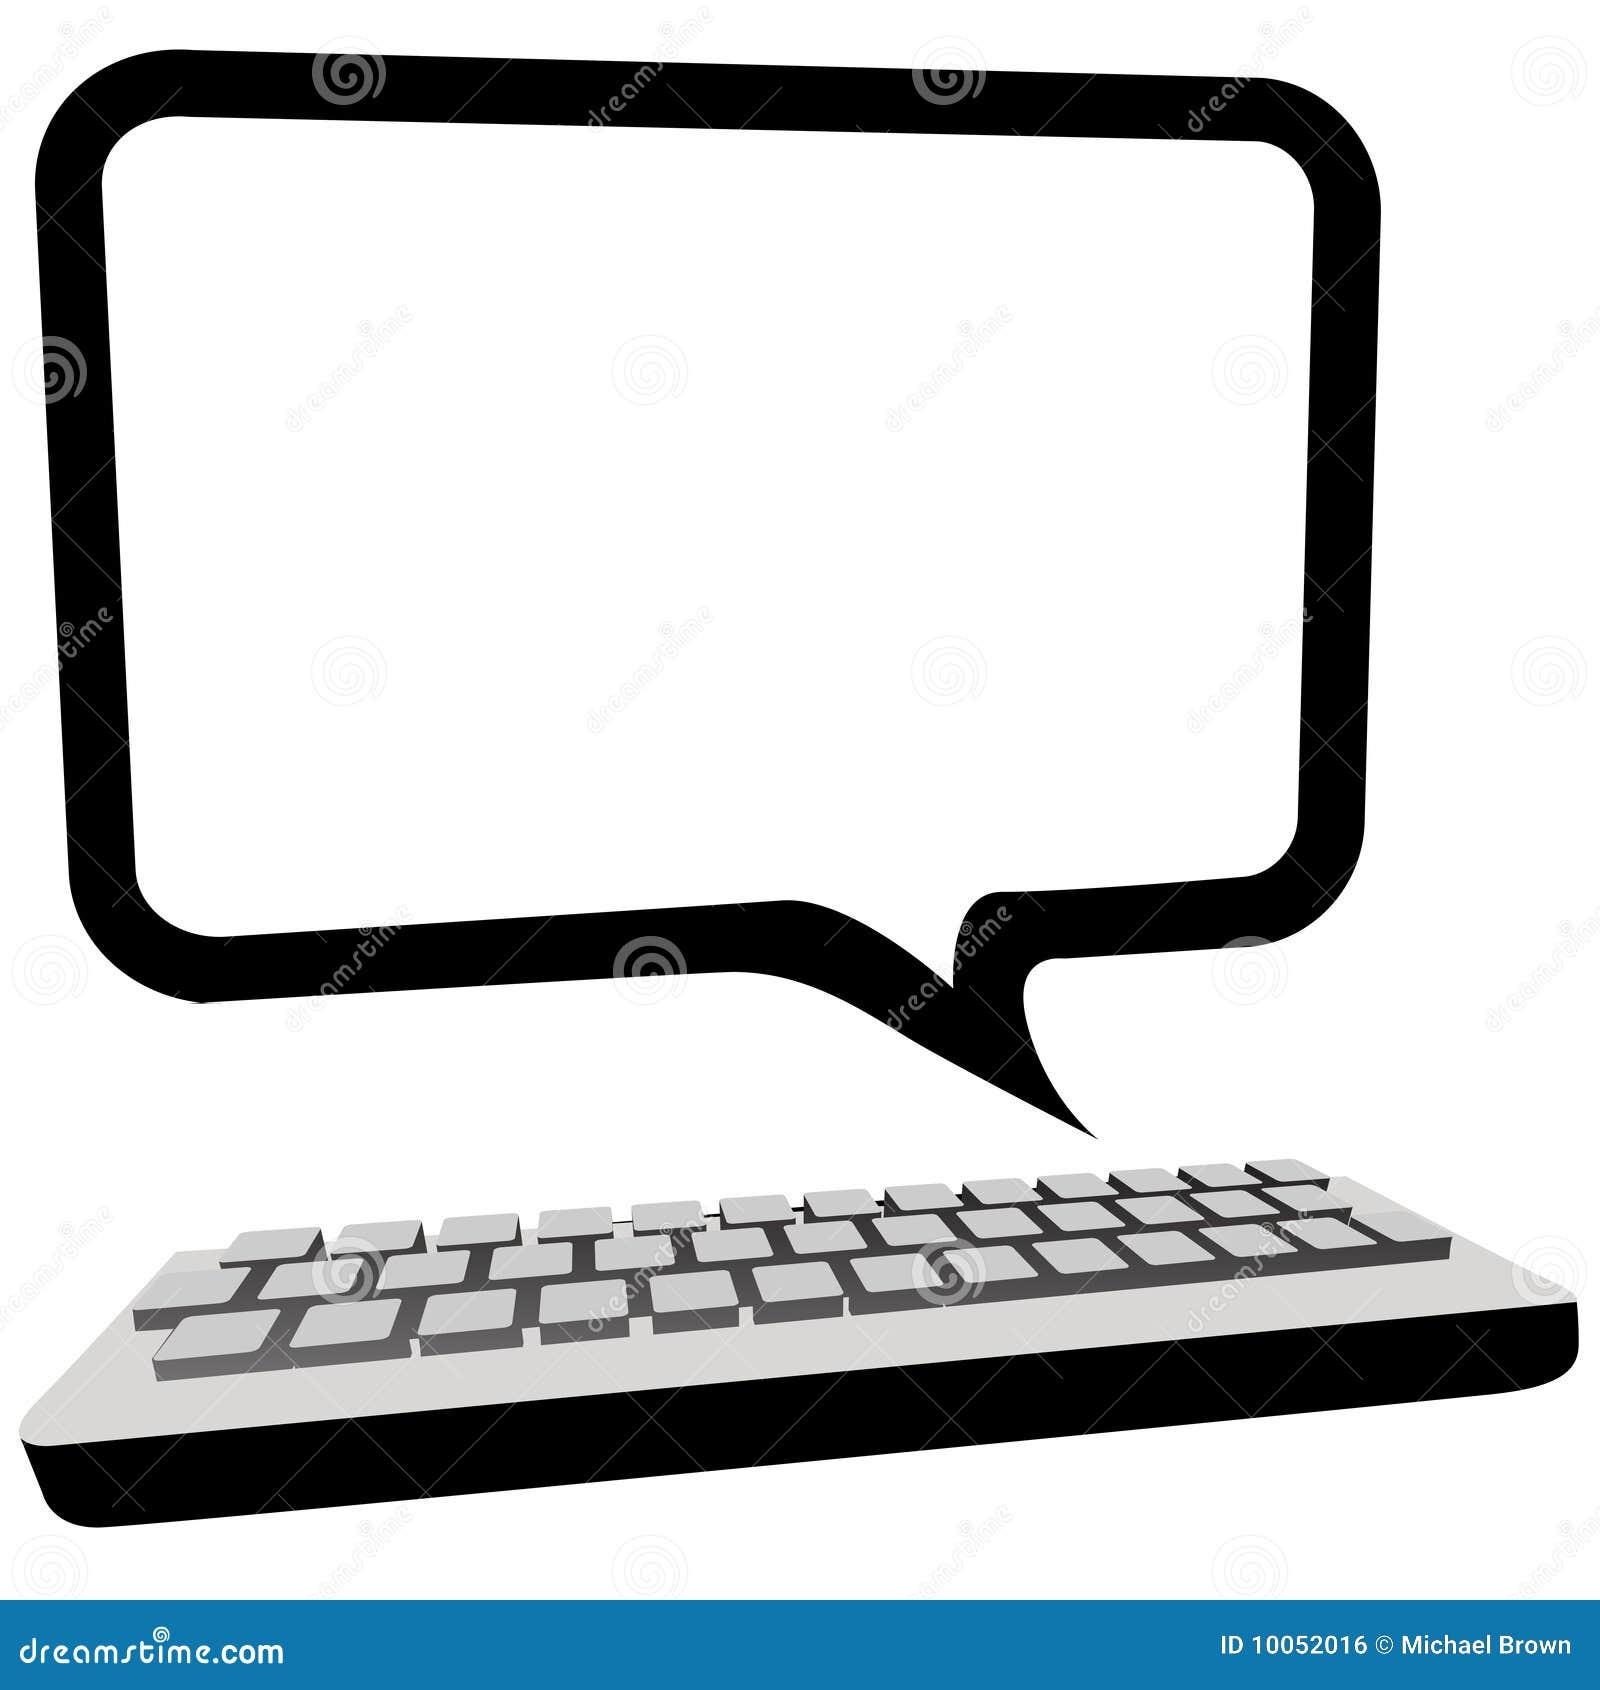 la parole de moniteur d 39 ordinateur de transmission de bulle image libre de droits image 10052016. Black Bedroom Furniture Sets. Home Design Ideas